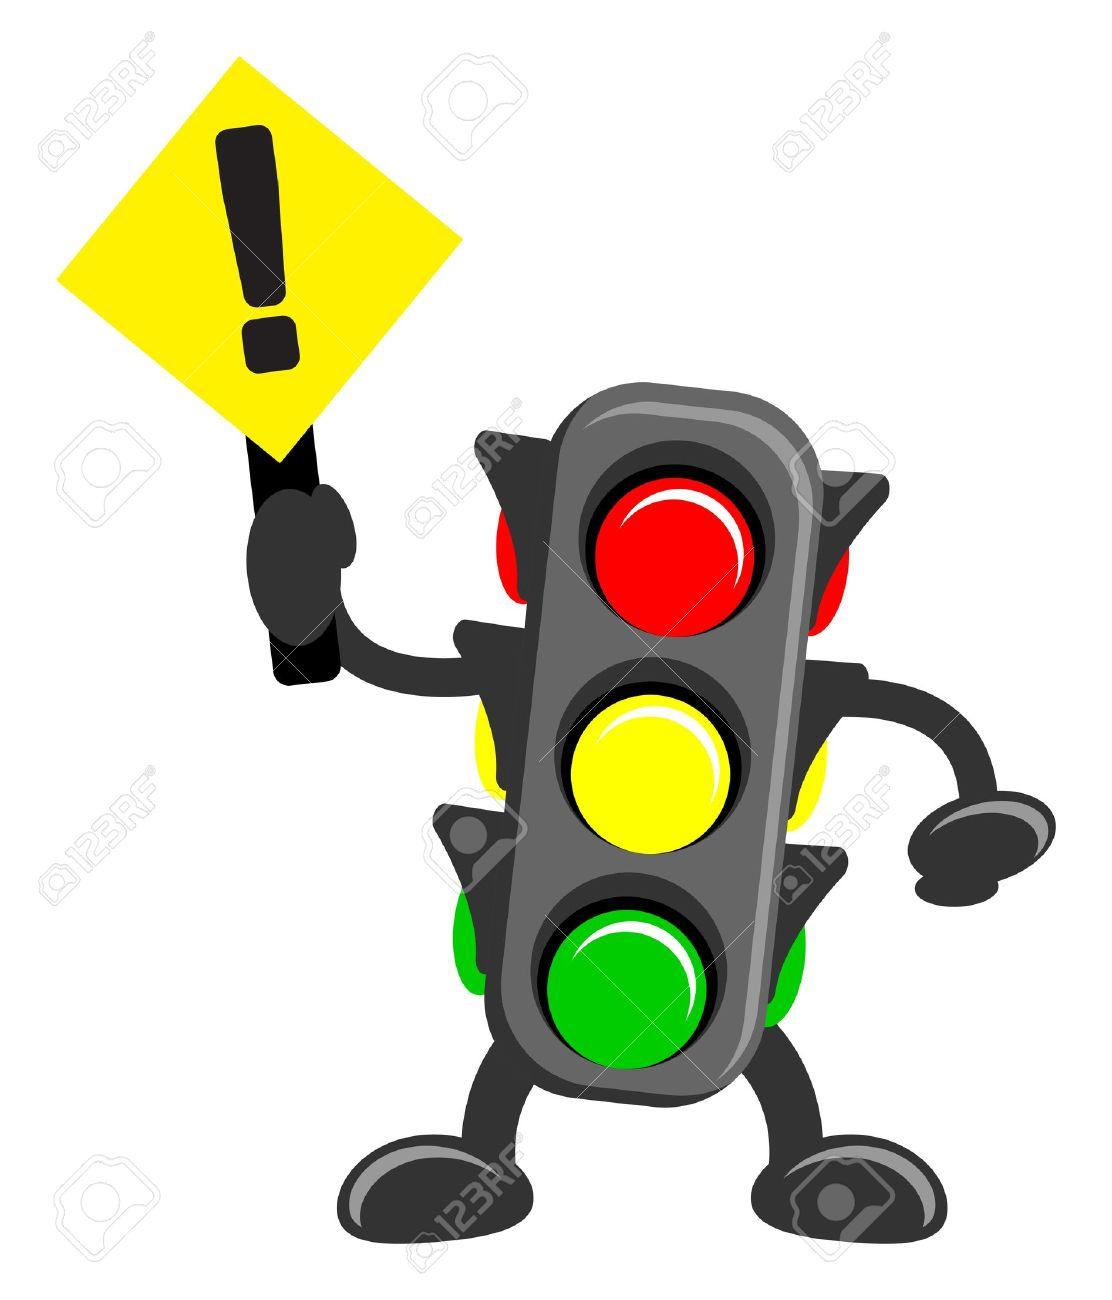 illustration of cartoon traffic light Stock Vector - 13196838